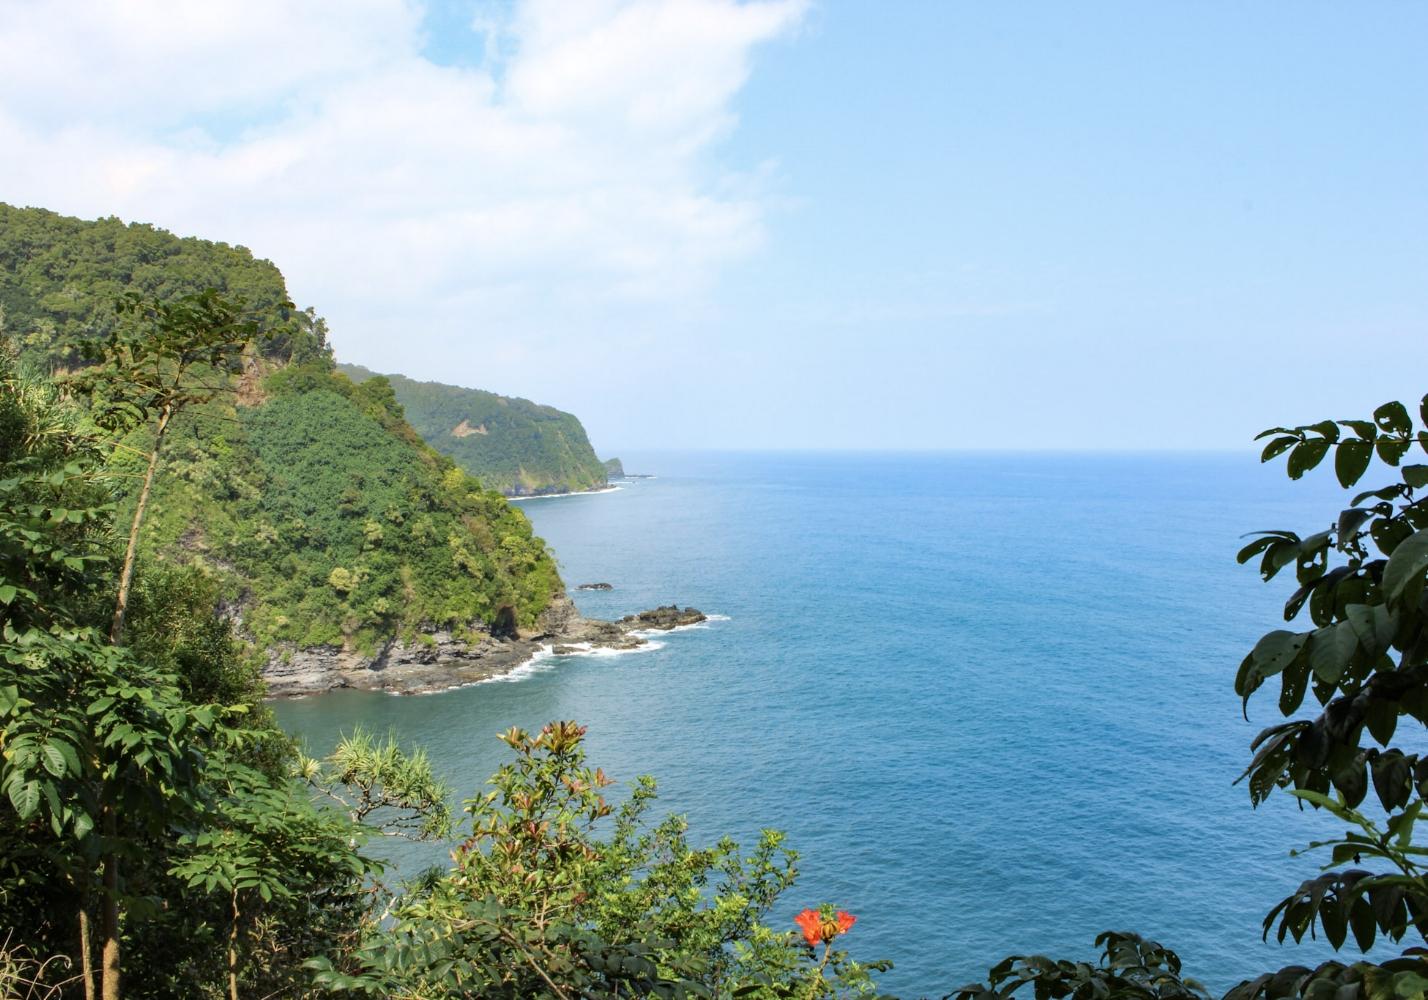 curio.trips.hawaii.maui.hana.coastline.jpg